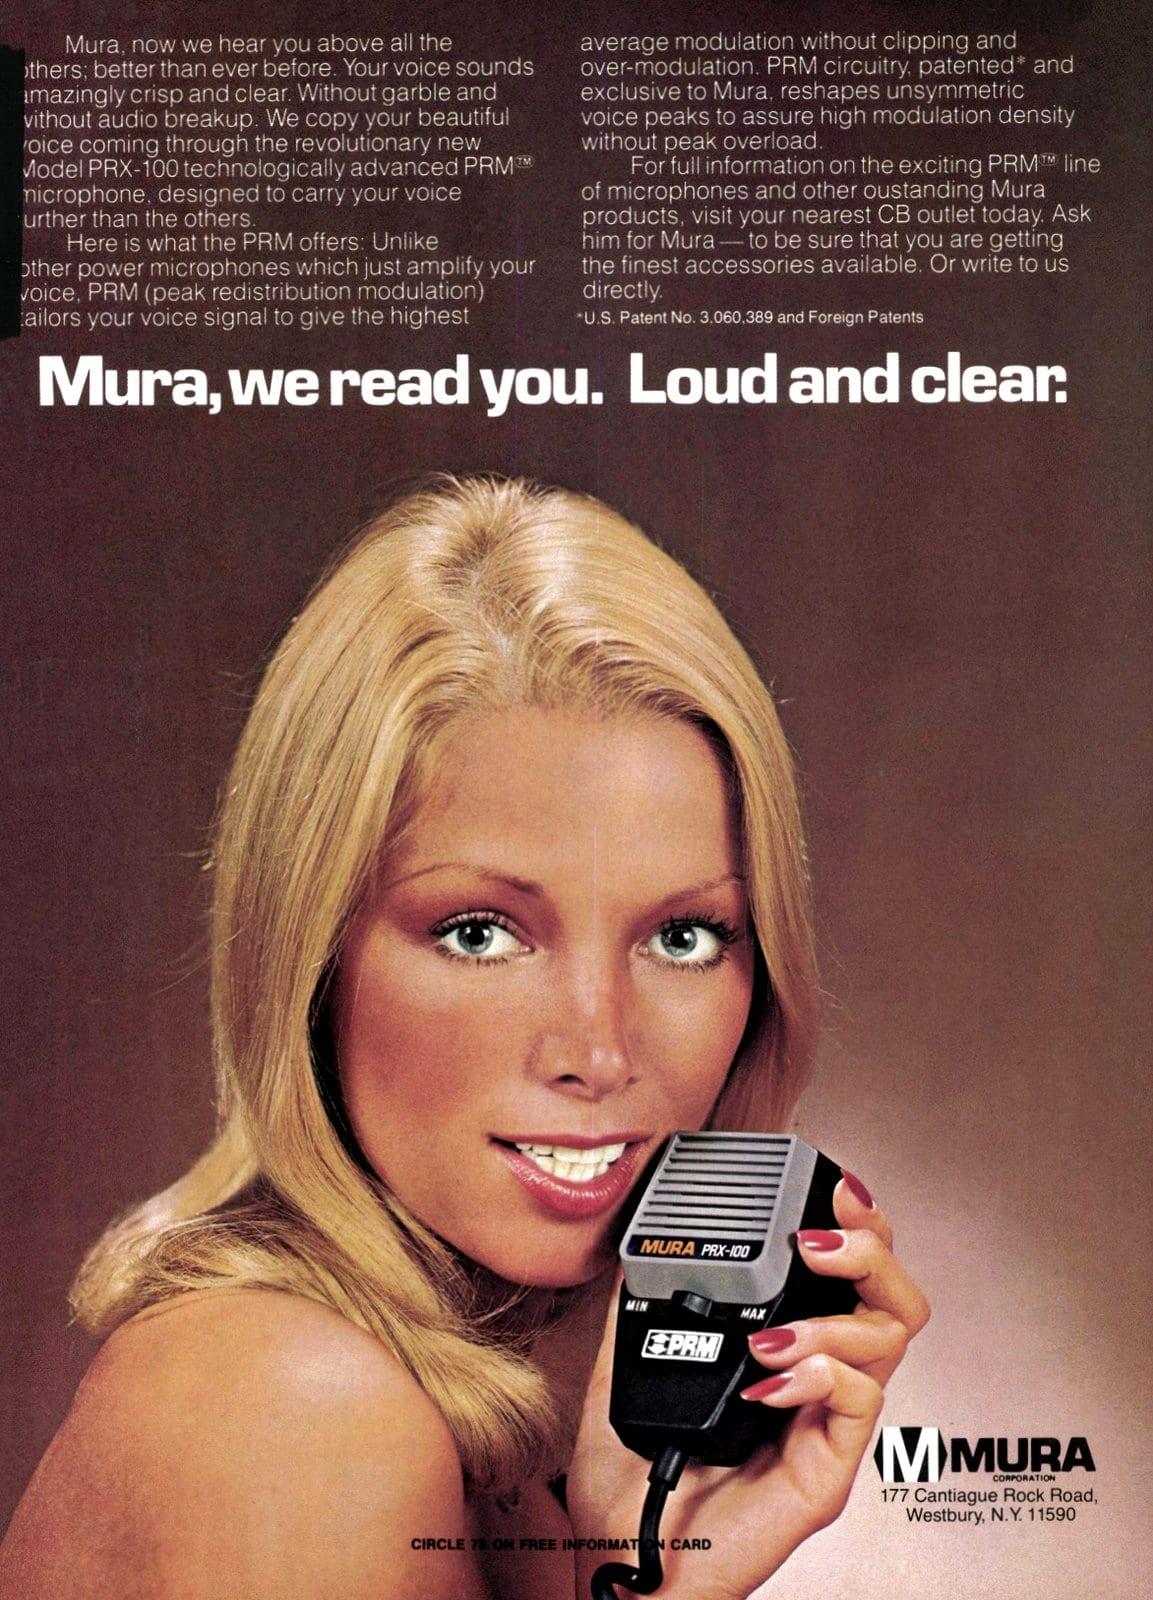 Mura CB radio (1976)